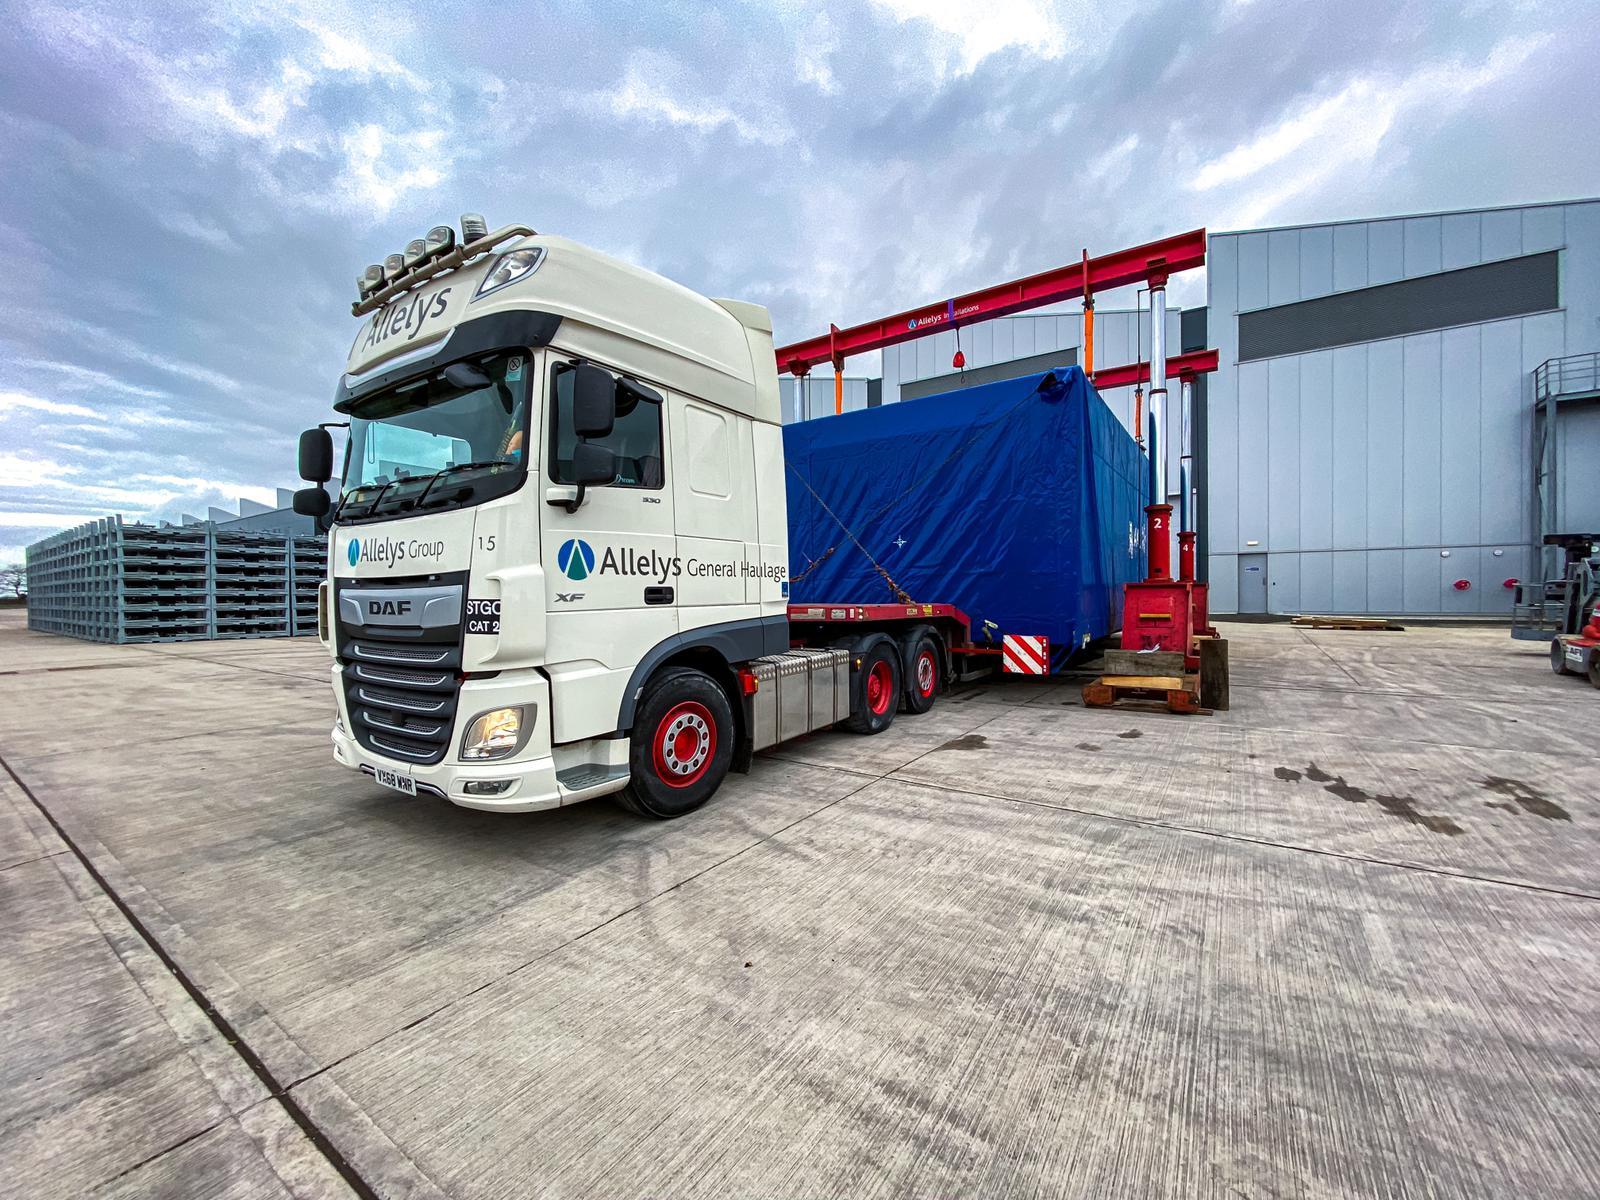 Allelys Heavy Haulage Lorry